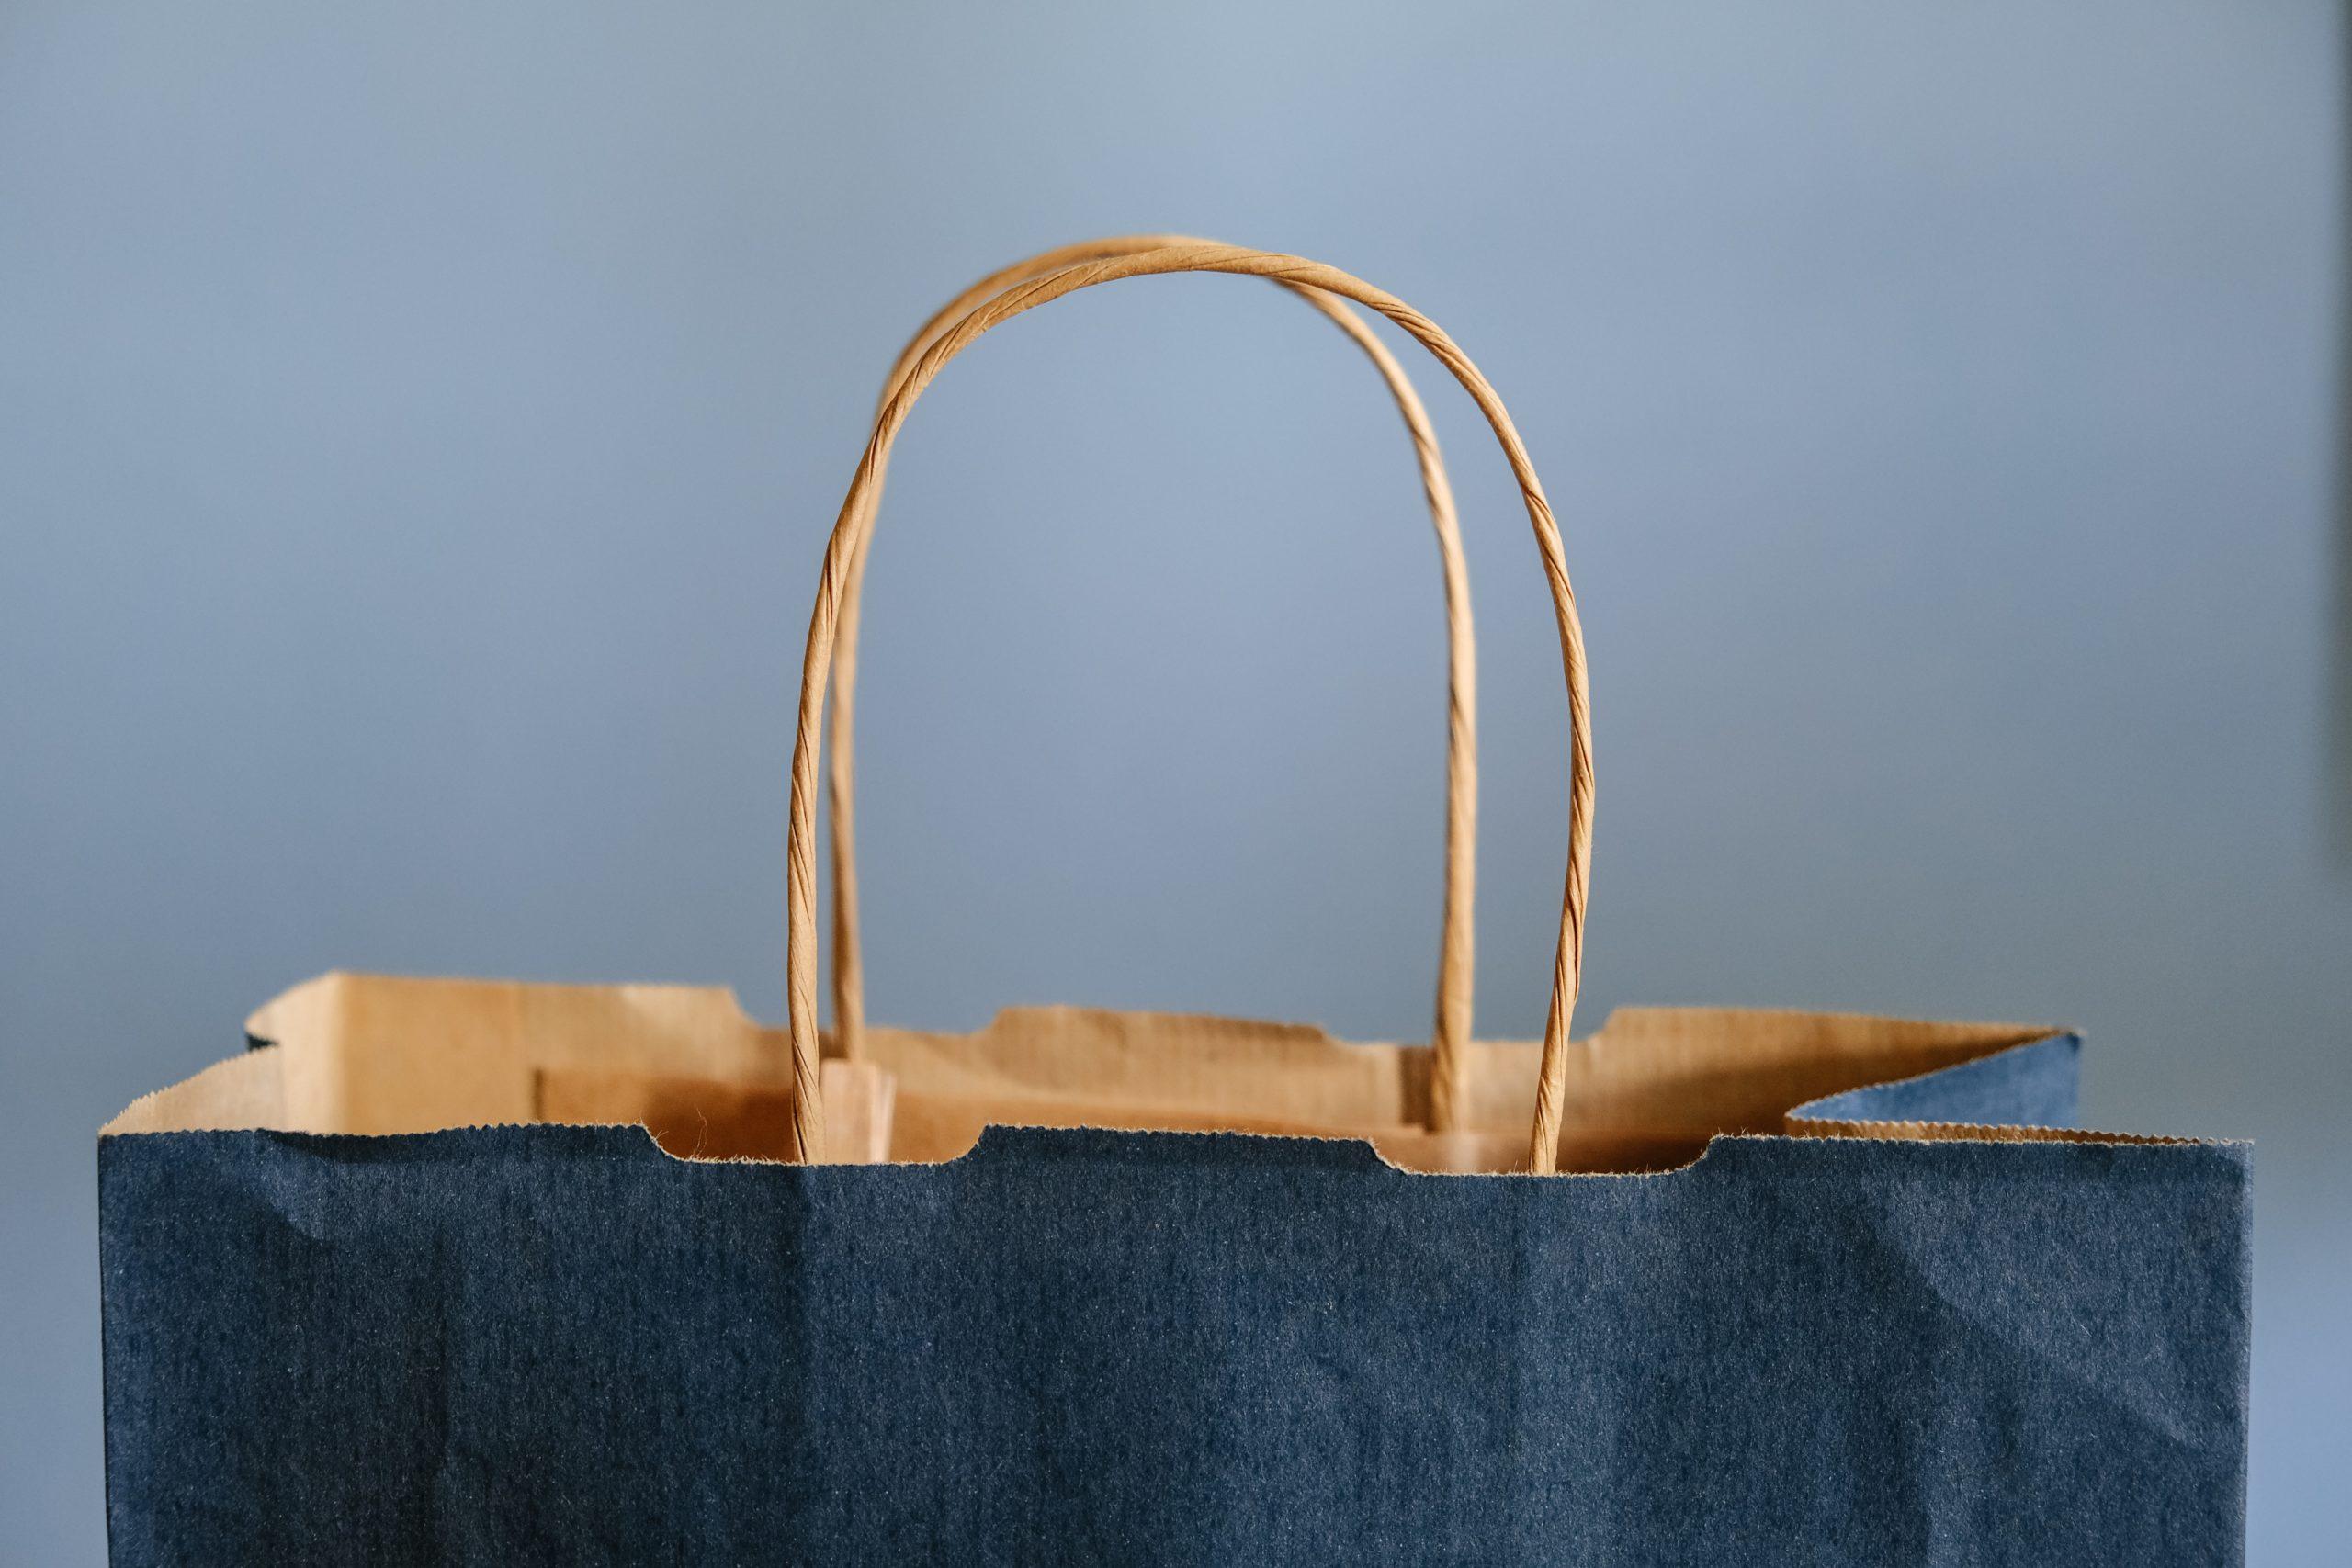 Einkaufstasche, Foto von Lucrezia Carnelos auf Unsplash